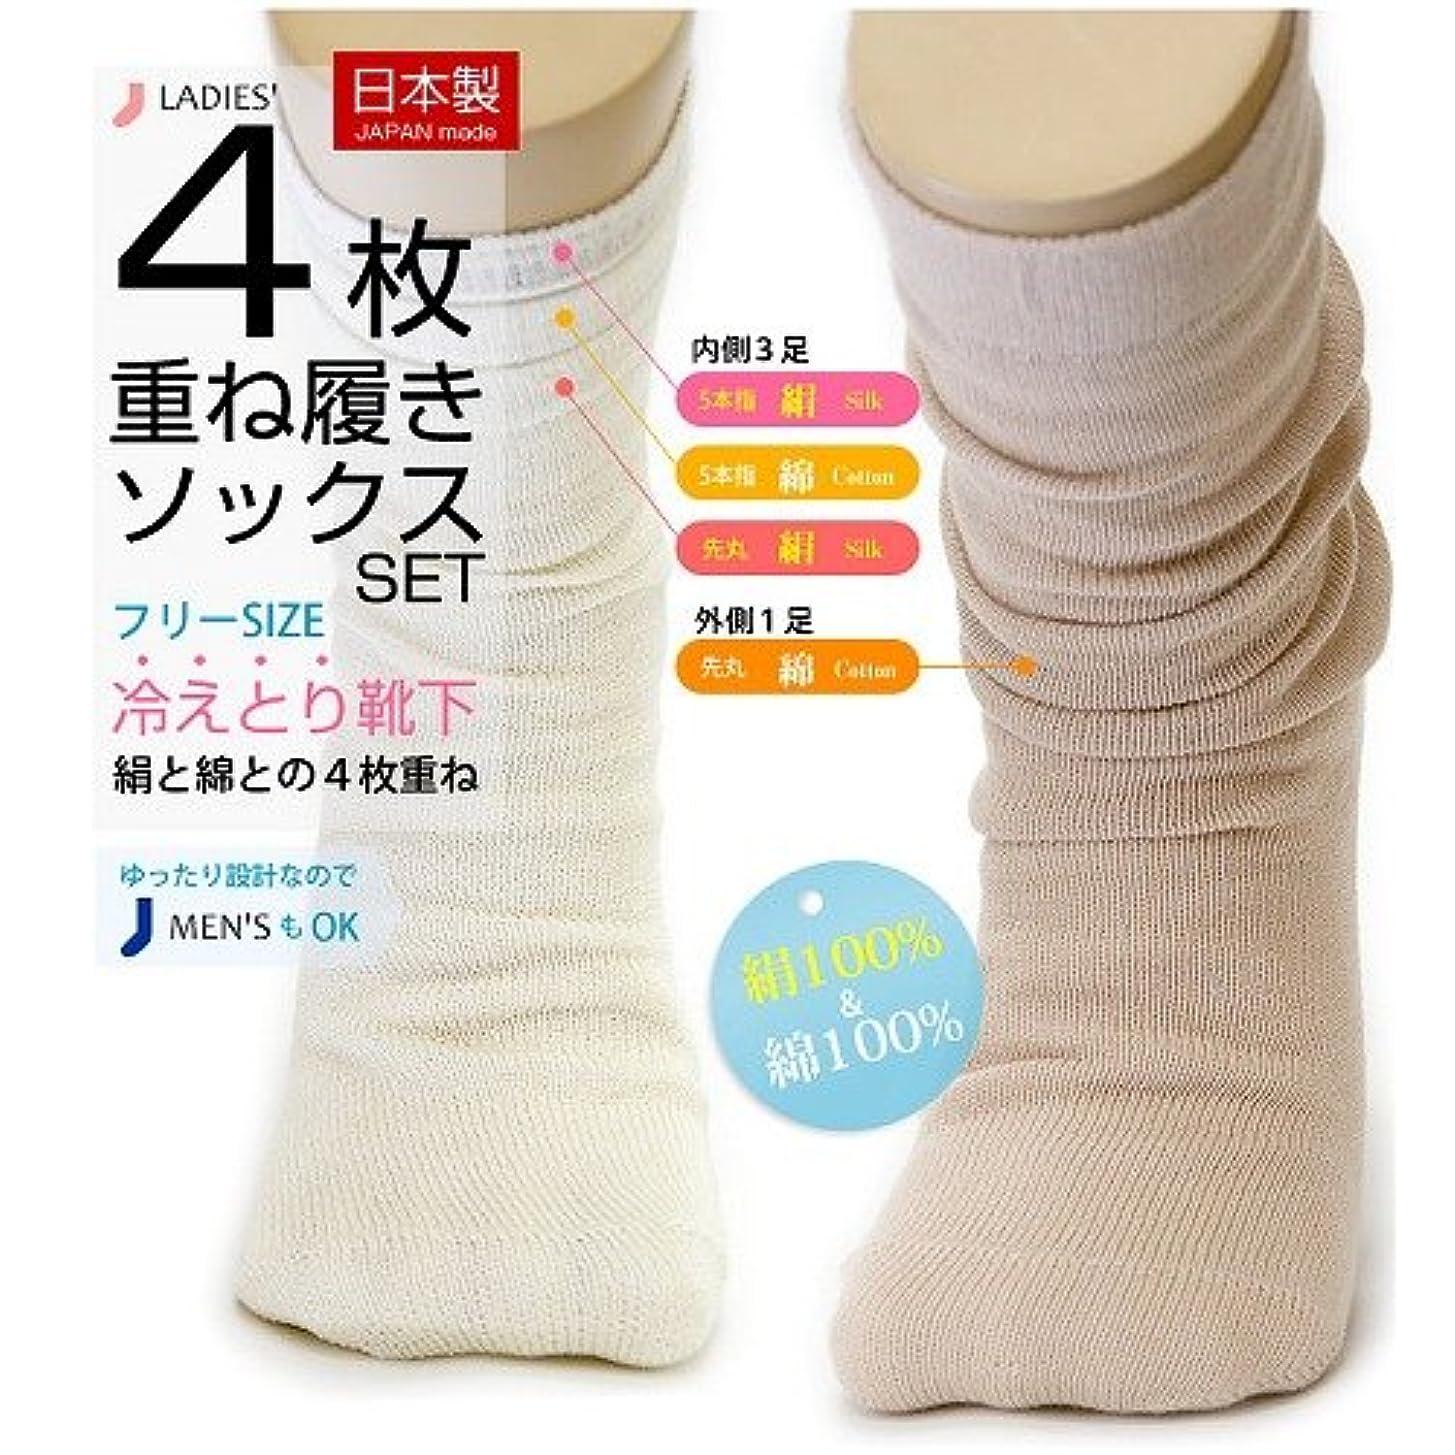 無一文メーカー消化冷え取り靴下 綿100%とシルク100% 最高級の日本製 4枚重ねばきセット(外側チャコール)